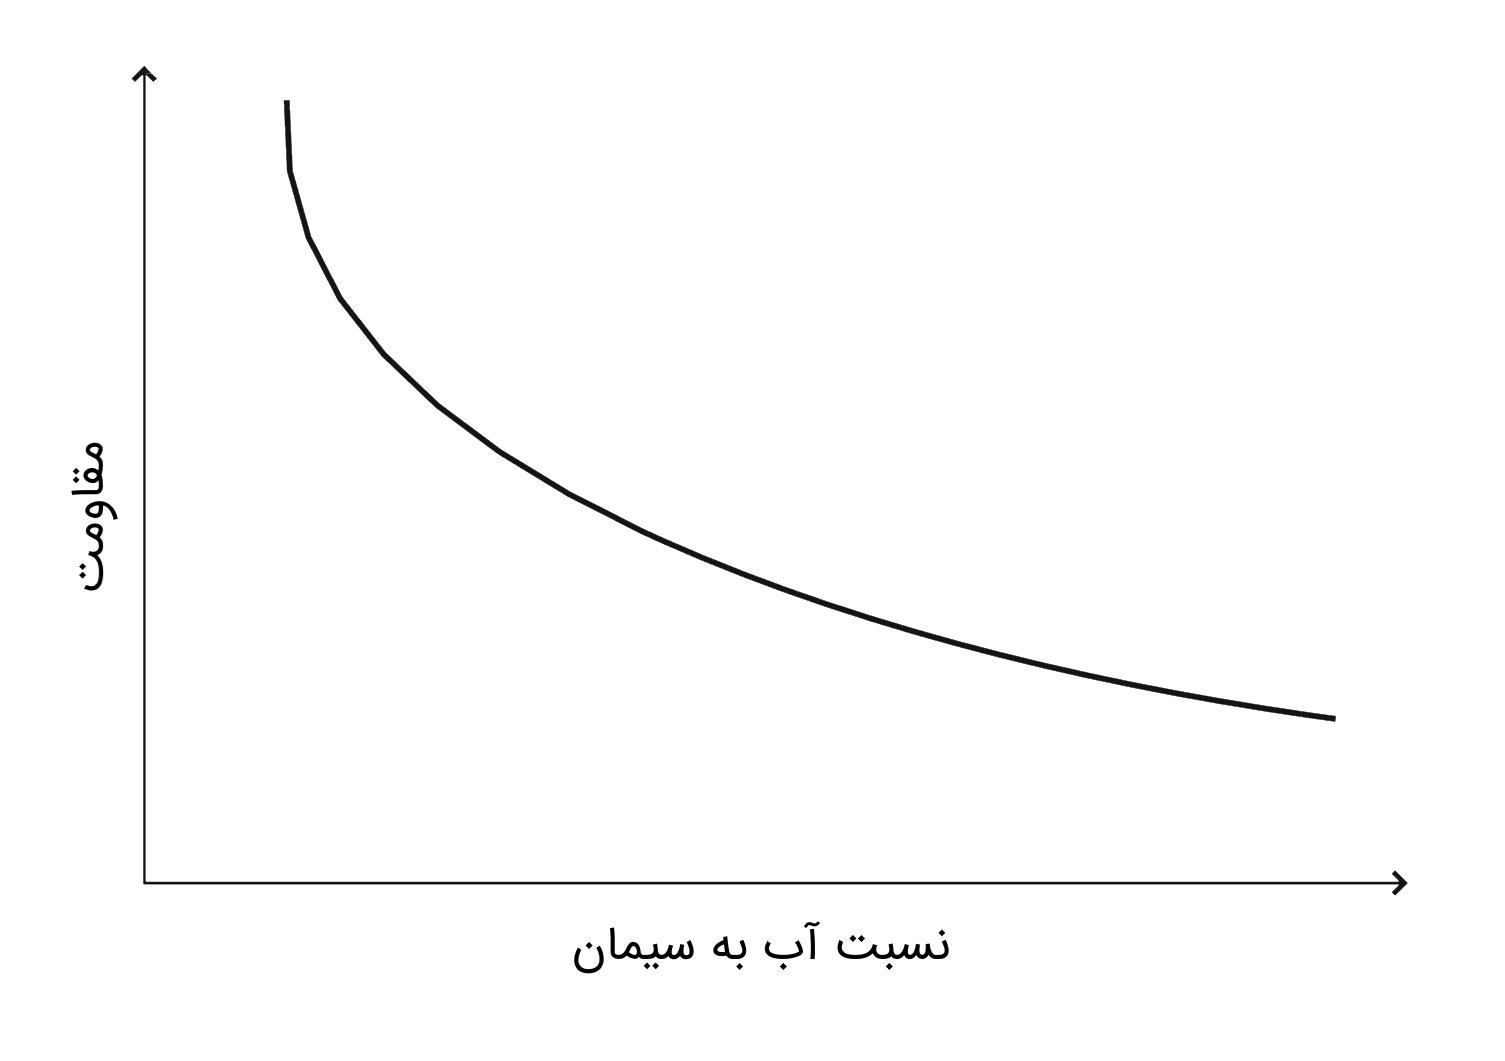 نمودار مقاومت بتن در برابر نسبت آب به سیمان